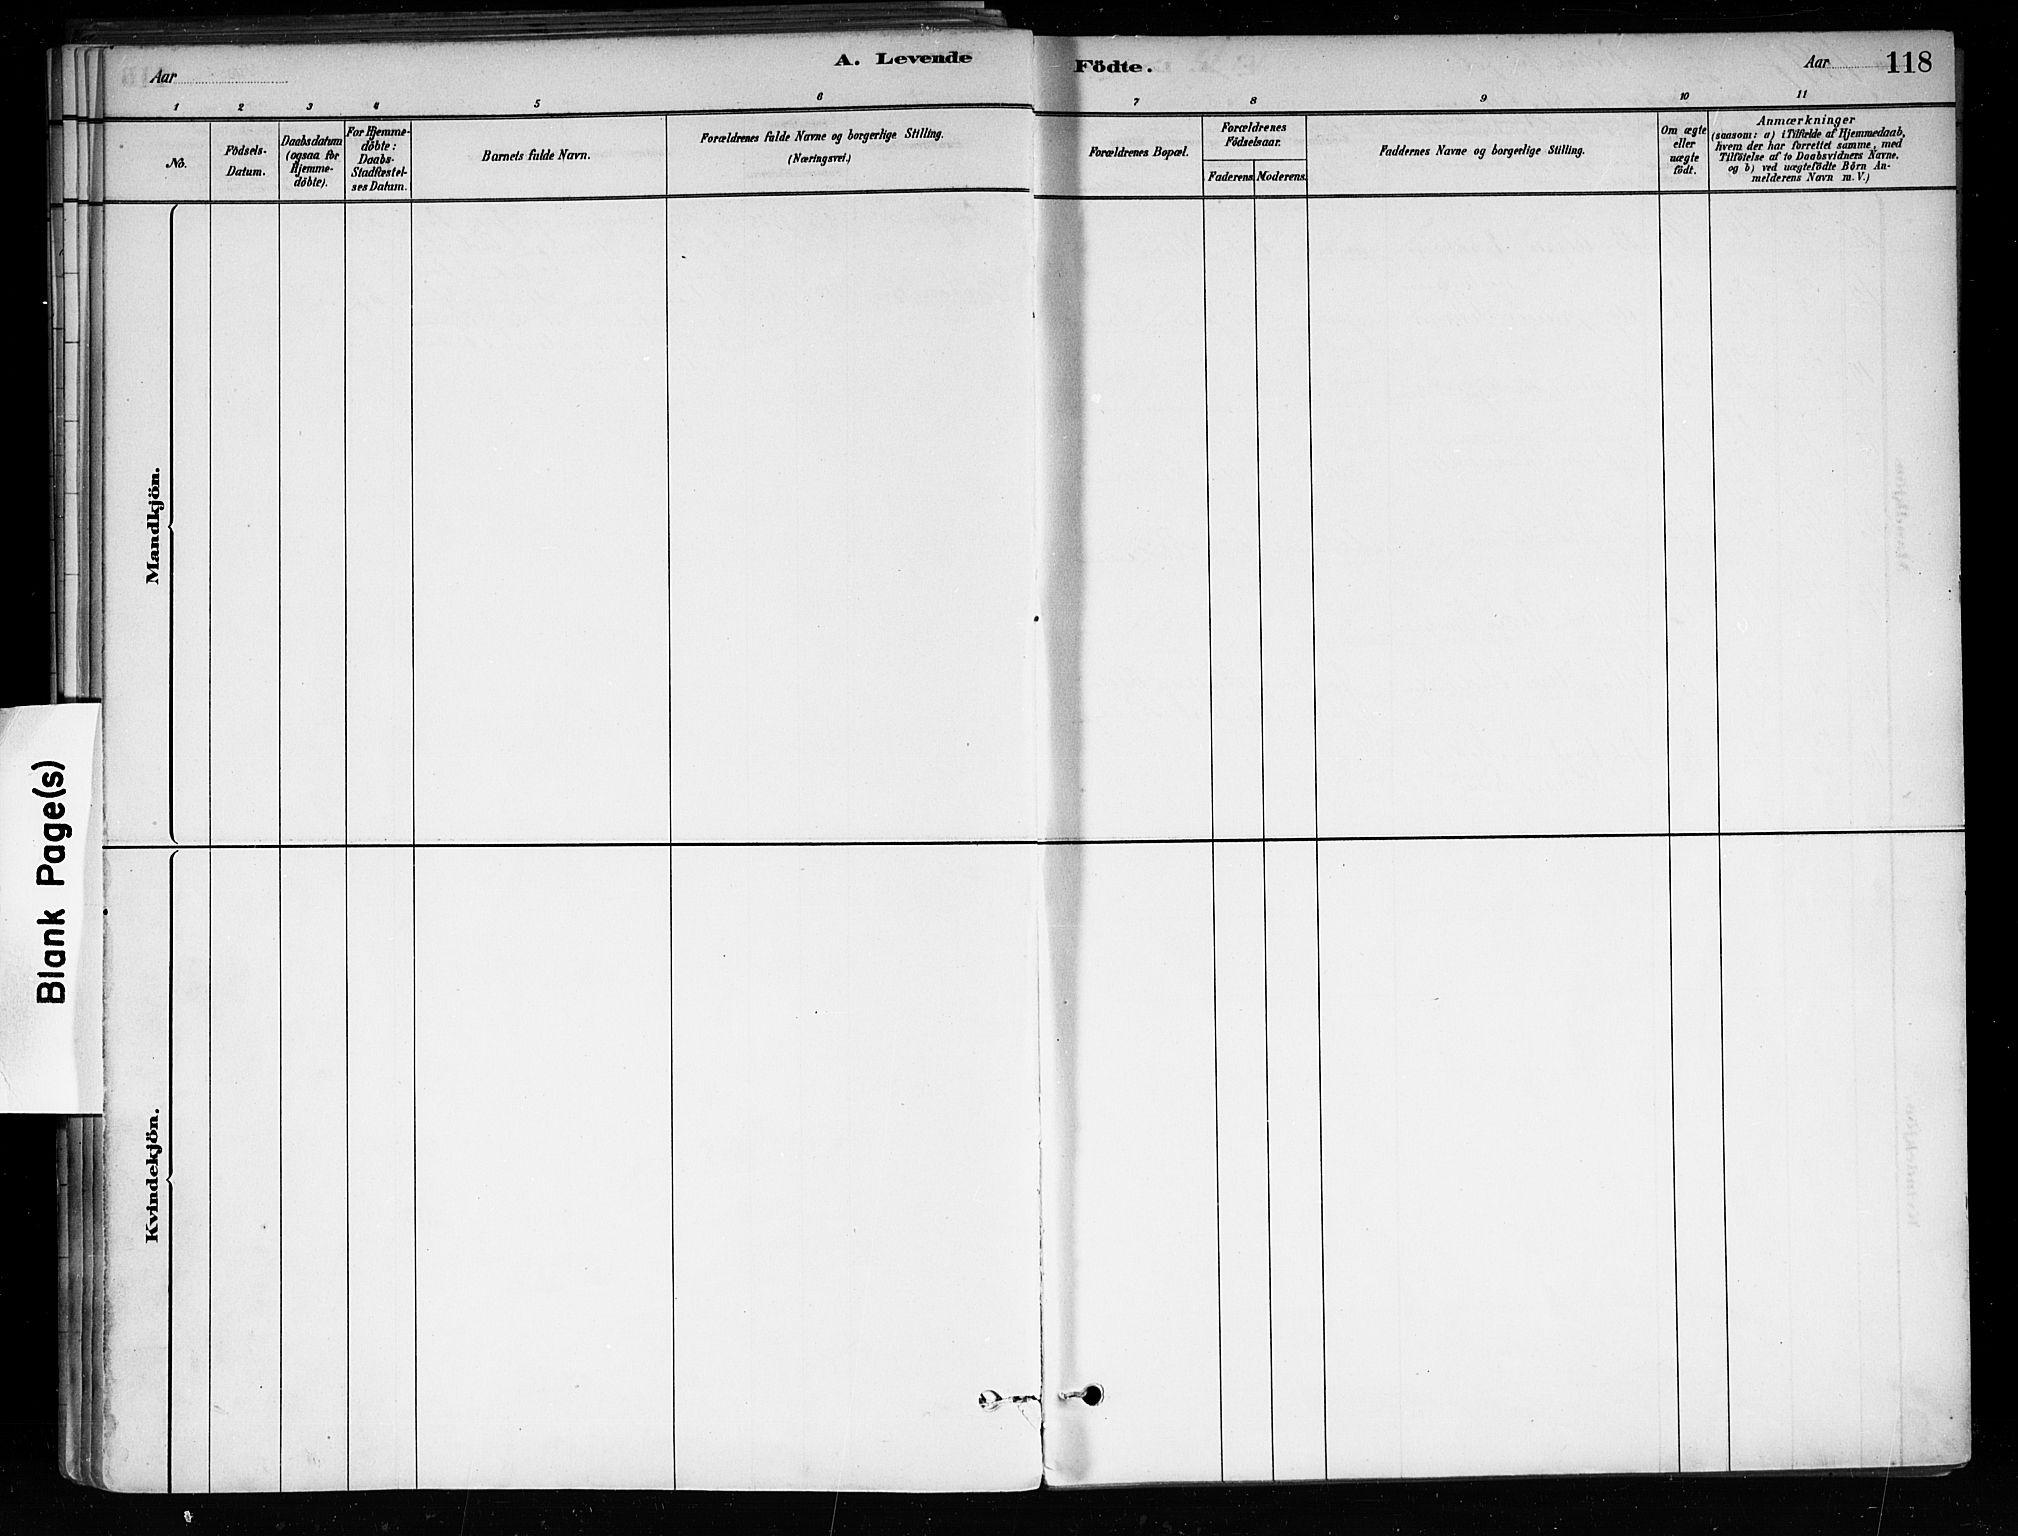 SAKO, Røyken kirkebøker, F/Fa/L0008: Ministerialbok nr. 8, 1880-1897, s. 118